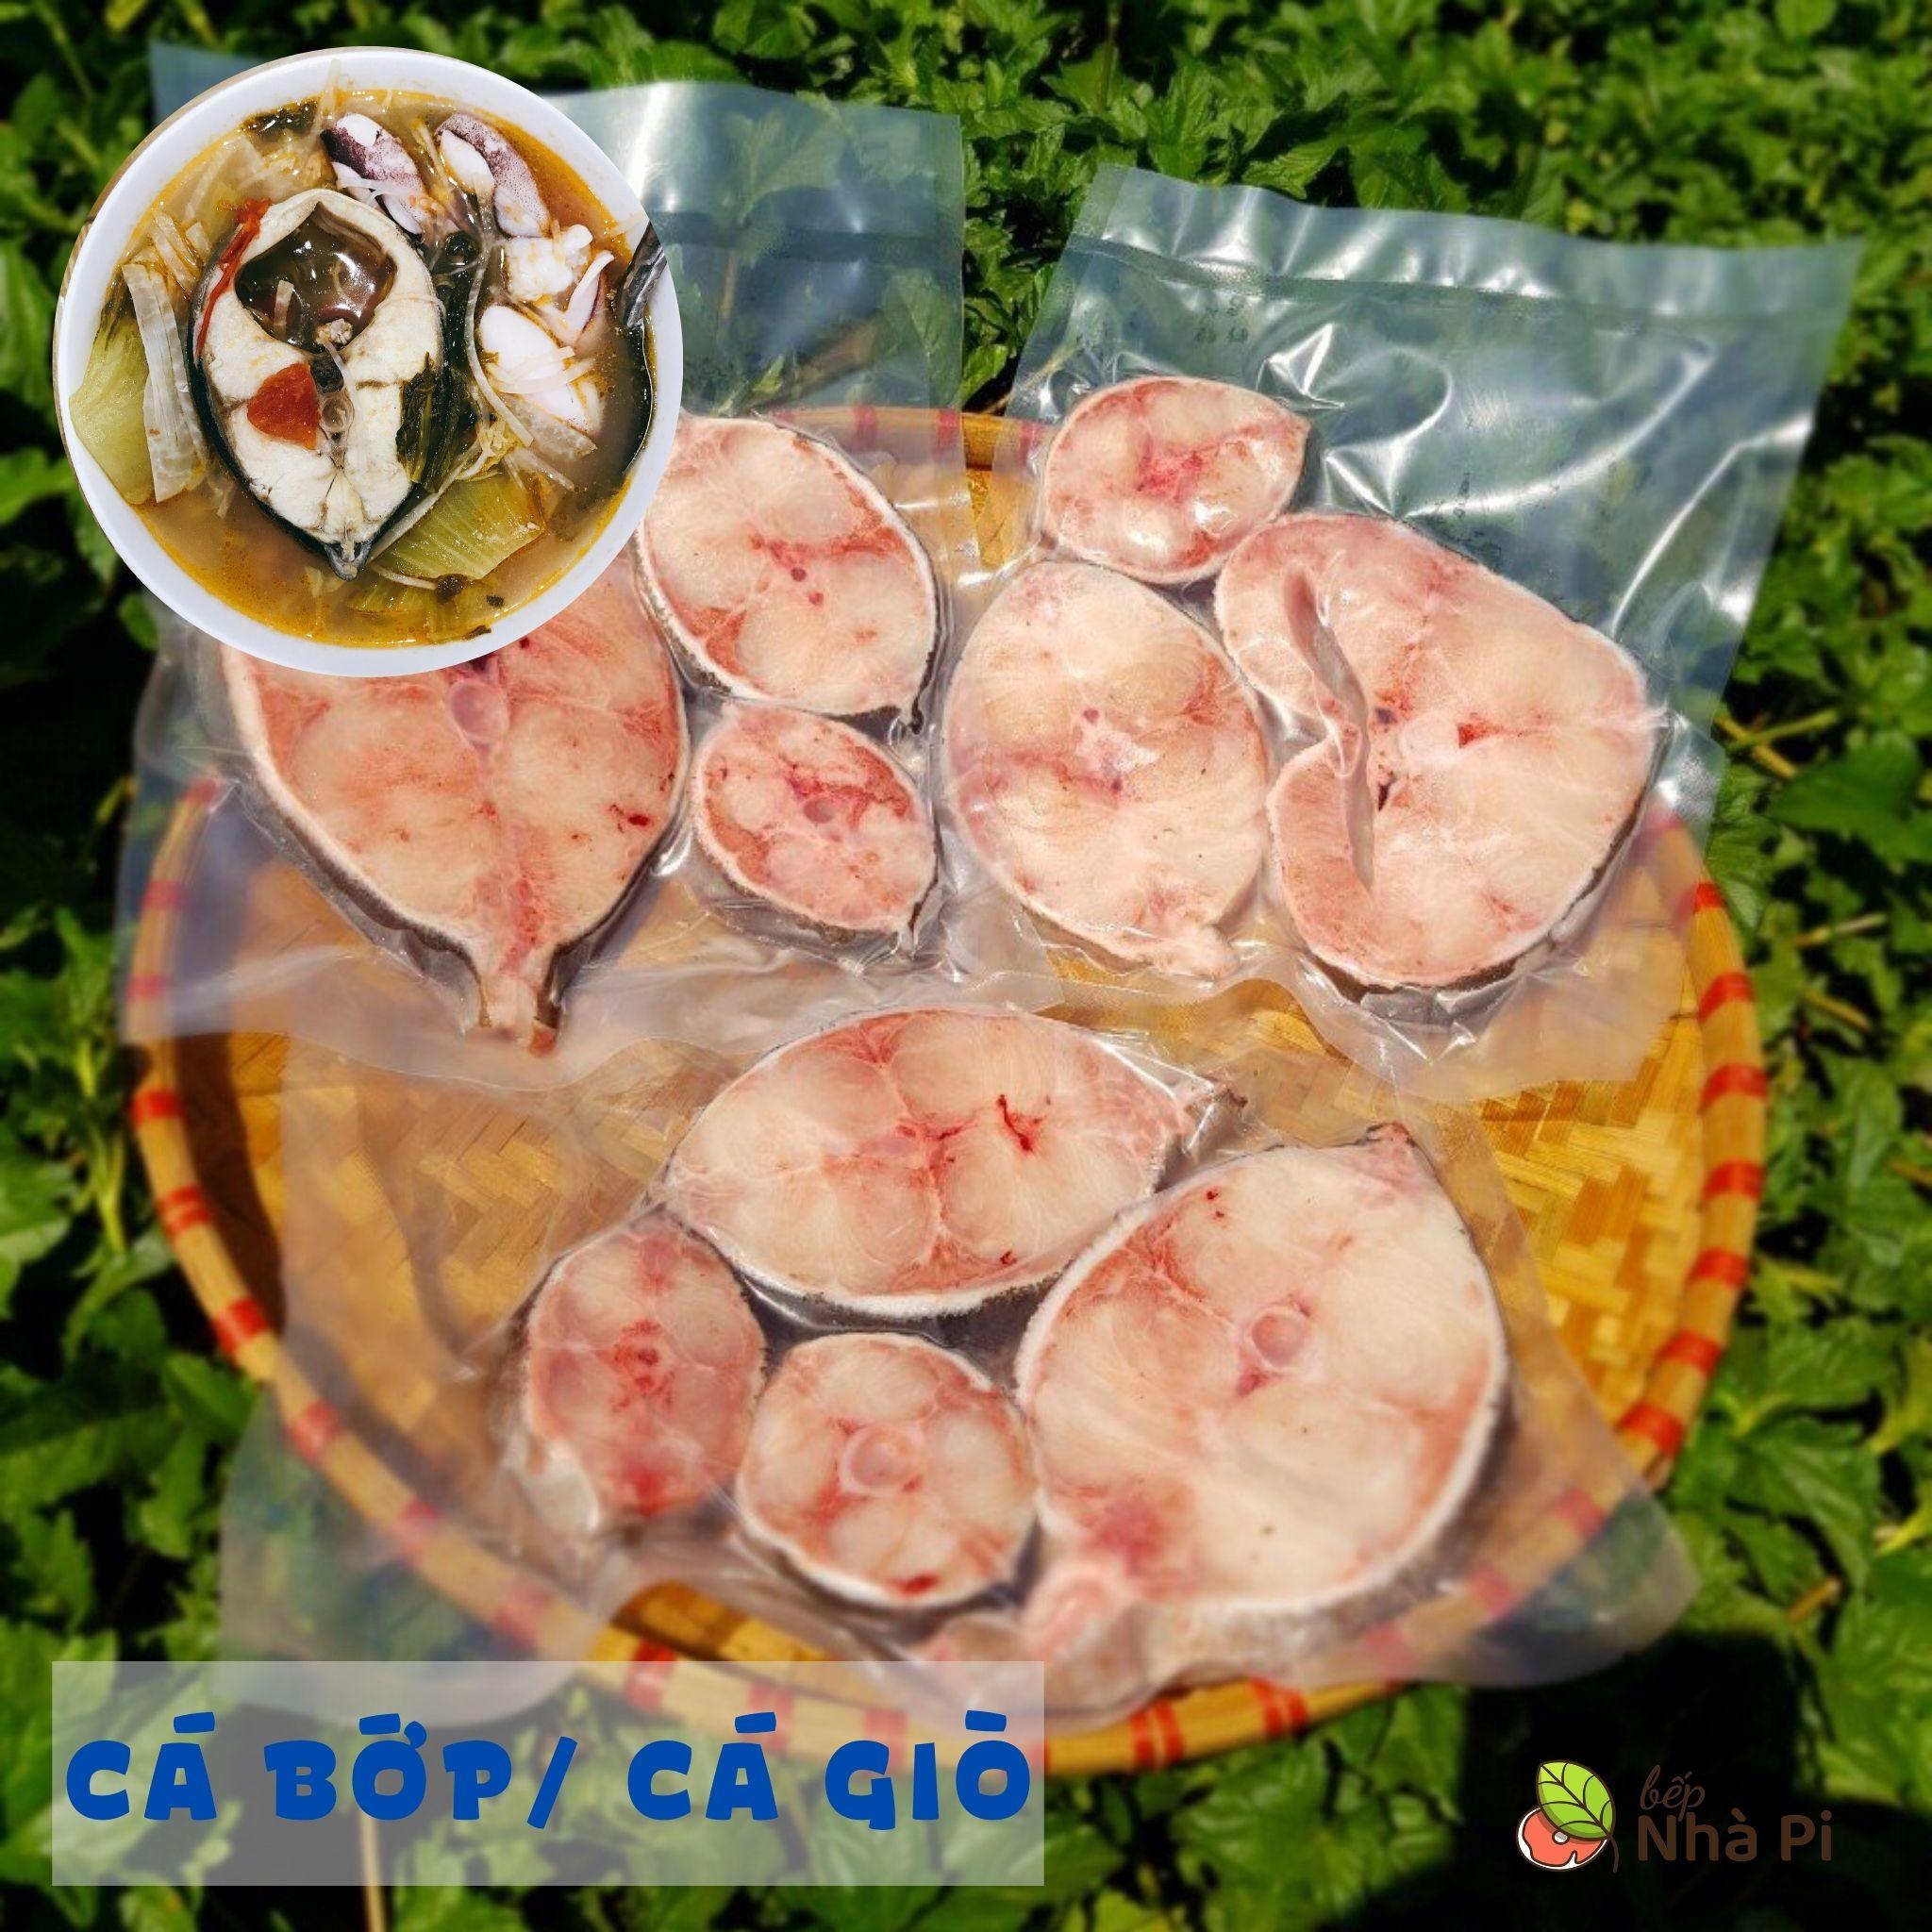 cá bớp cắt khúc tươi ngon | bếp nhà pi | bepnhapi.com